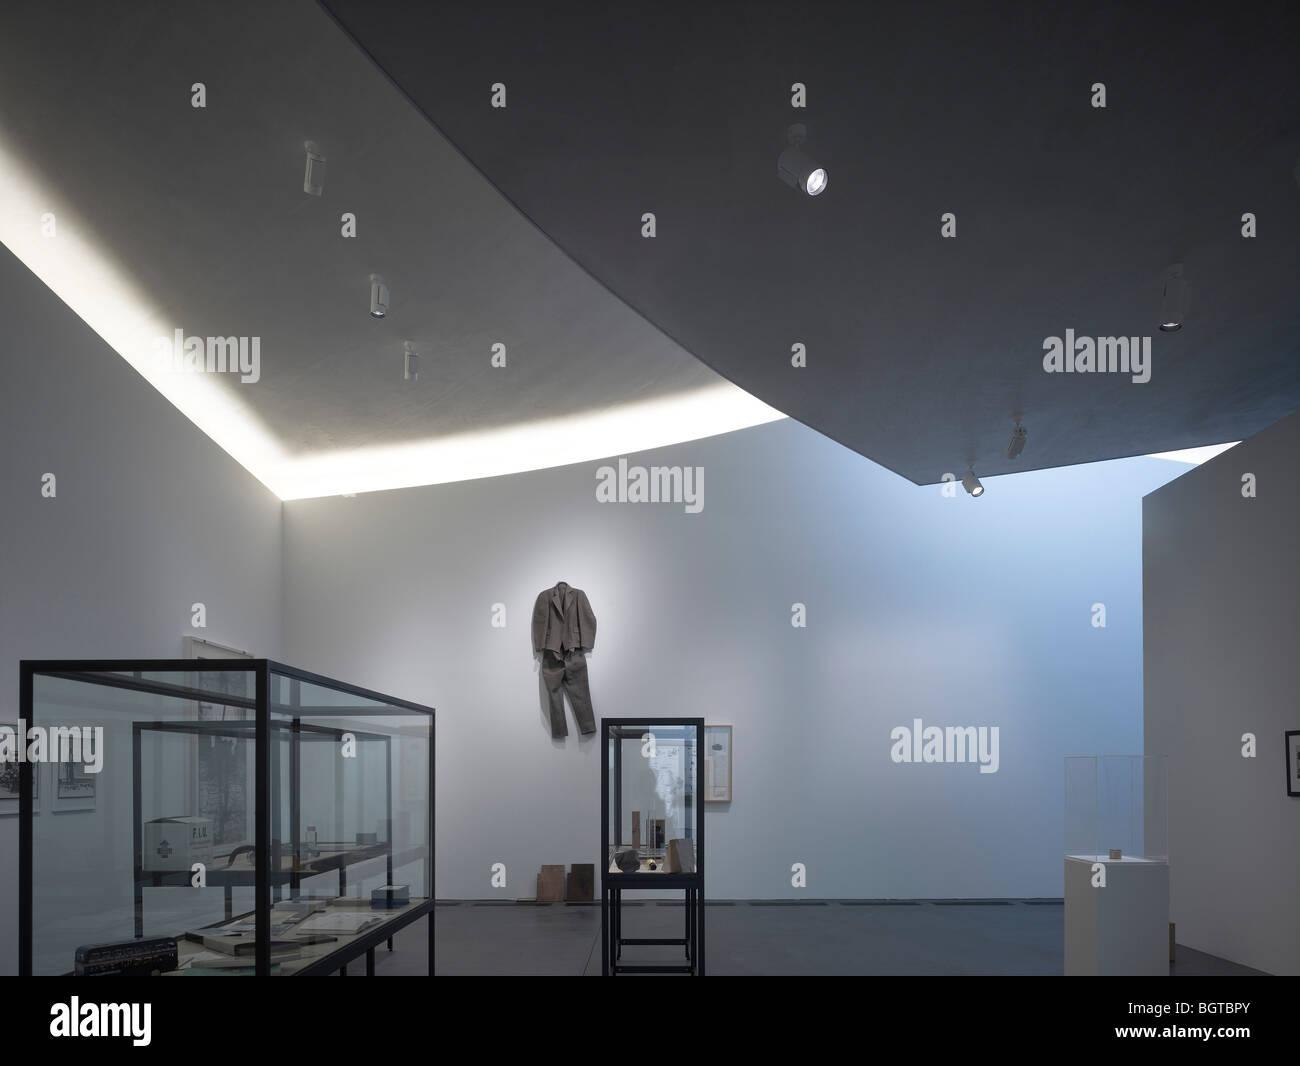 herning art center, denmark - main gallery space Stock Photo